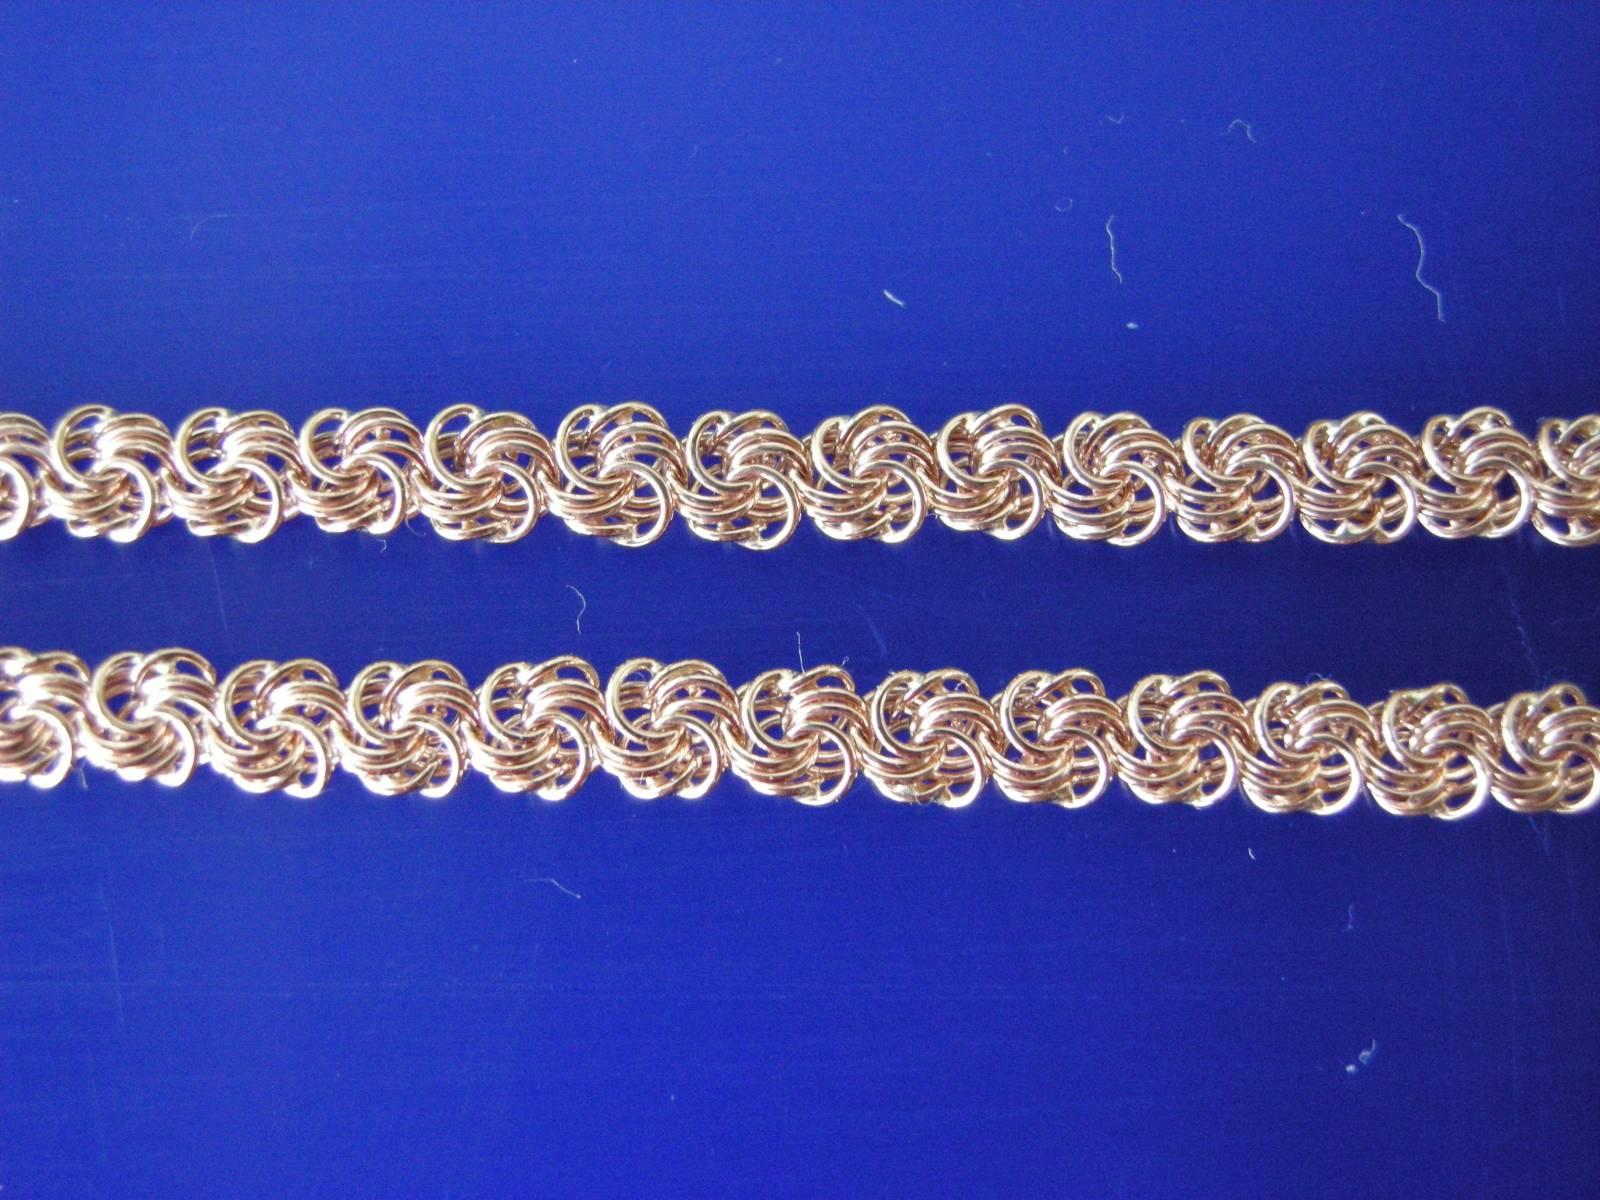 вязки цепочек фото с названиями